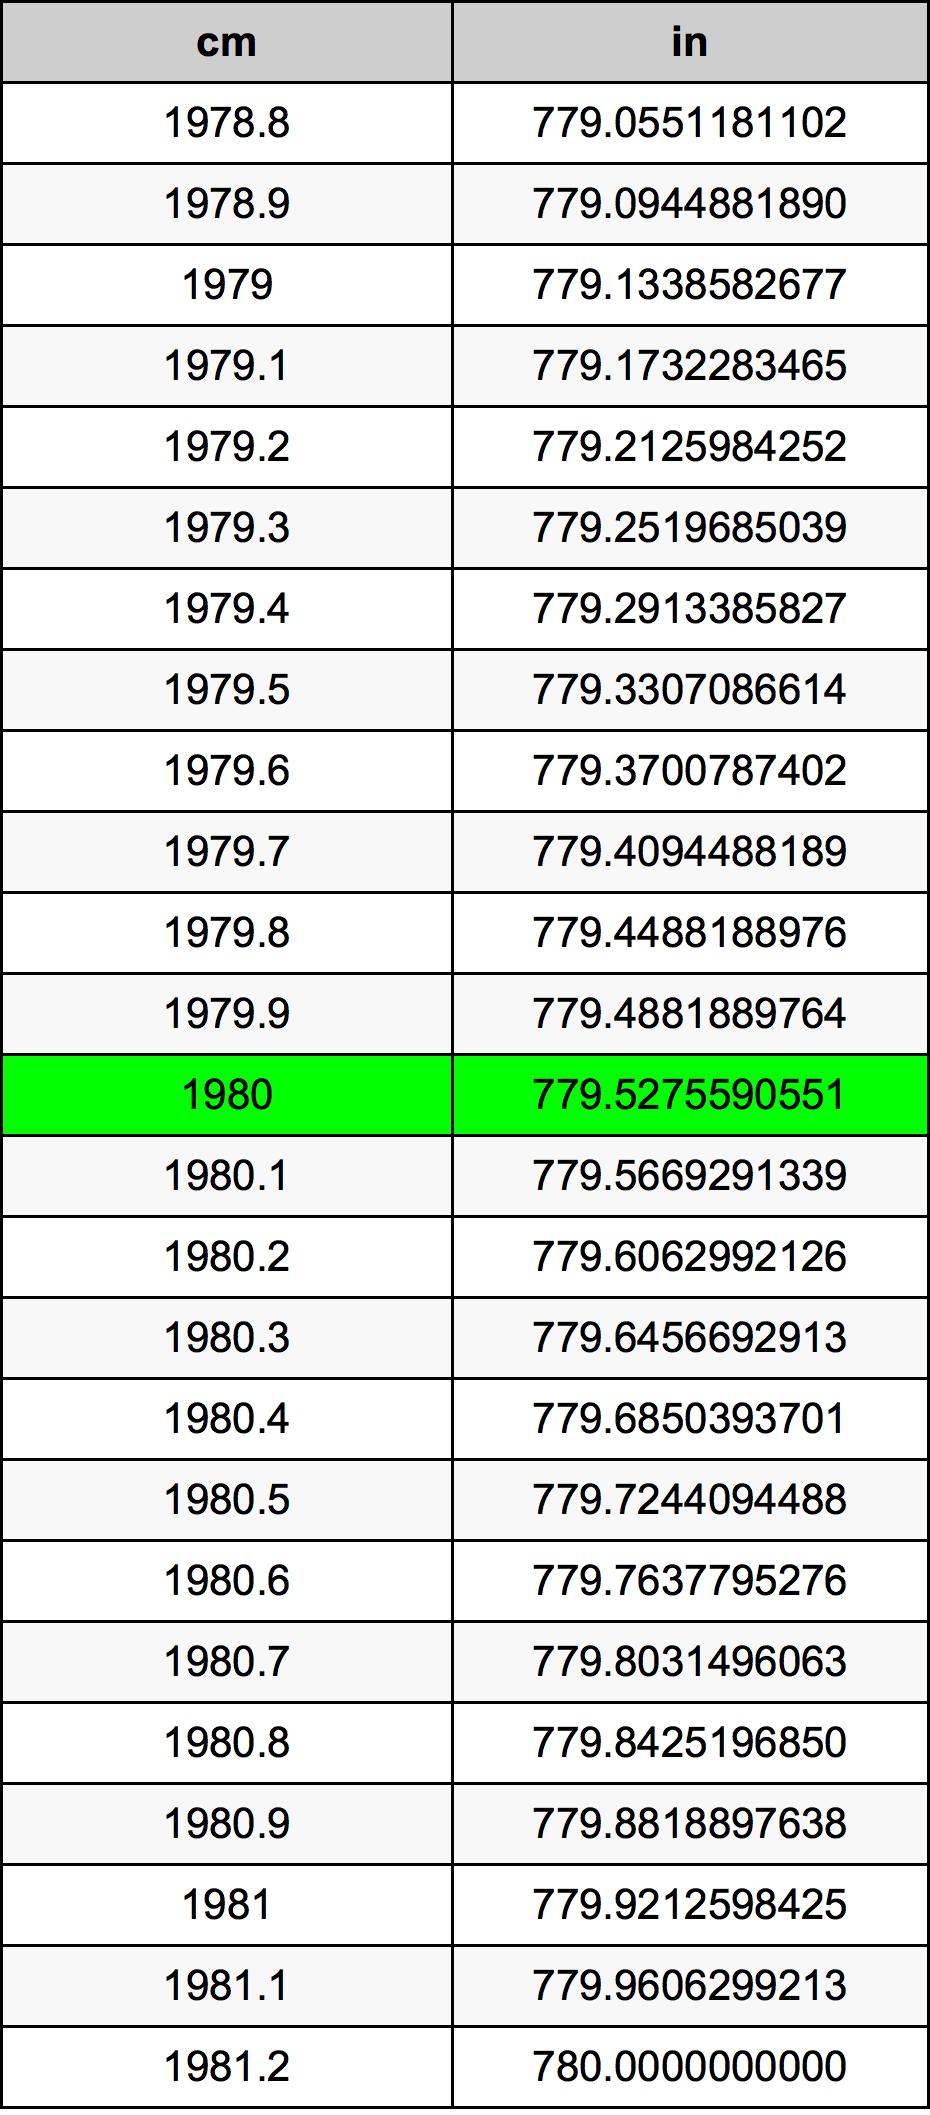 1980 εκατοστόμετρο Πίνακας Μετατροπής